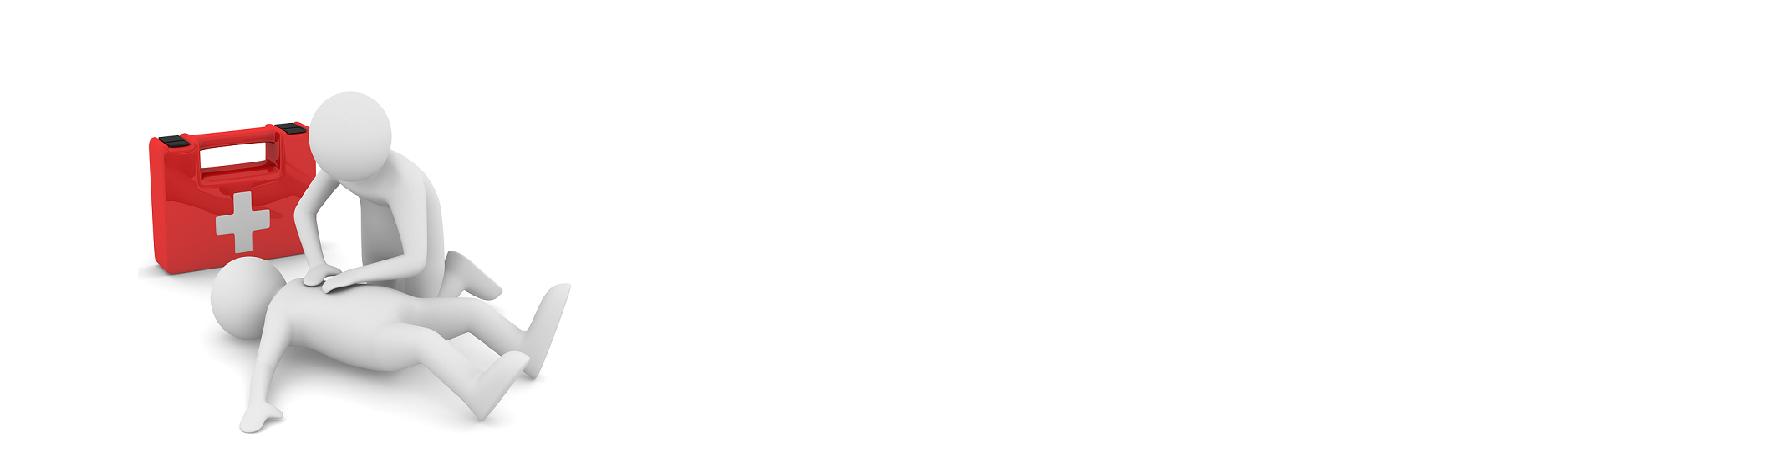 Addetto al Pronto Soccorso aziendale – Gruppo A. Aggiornamento.